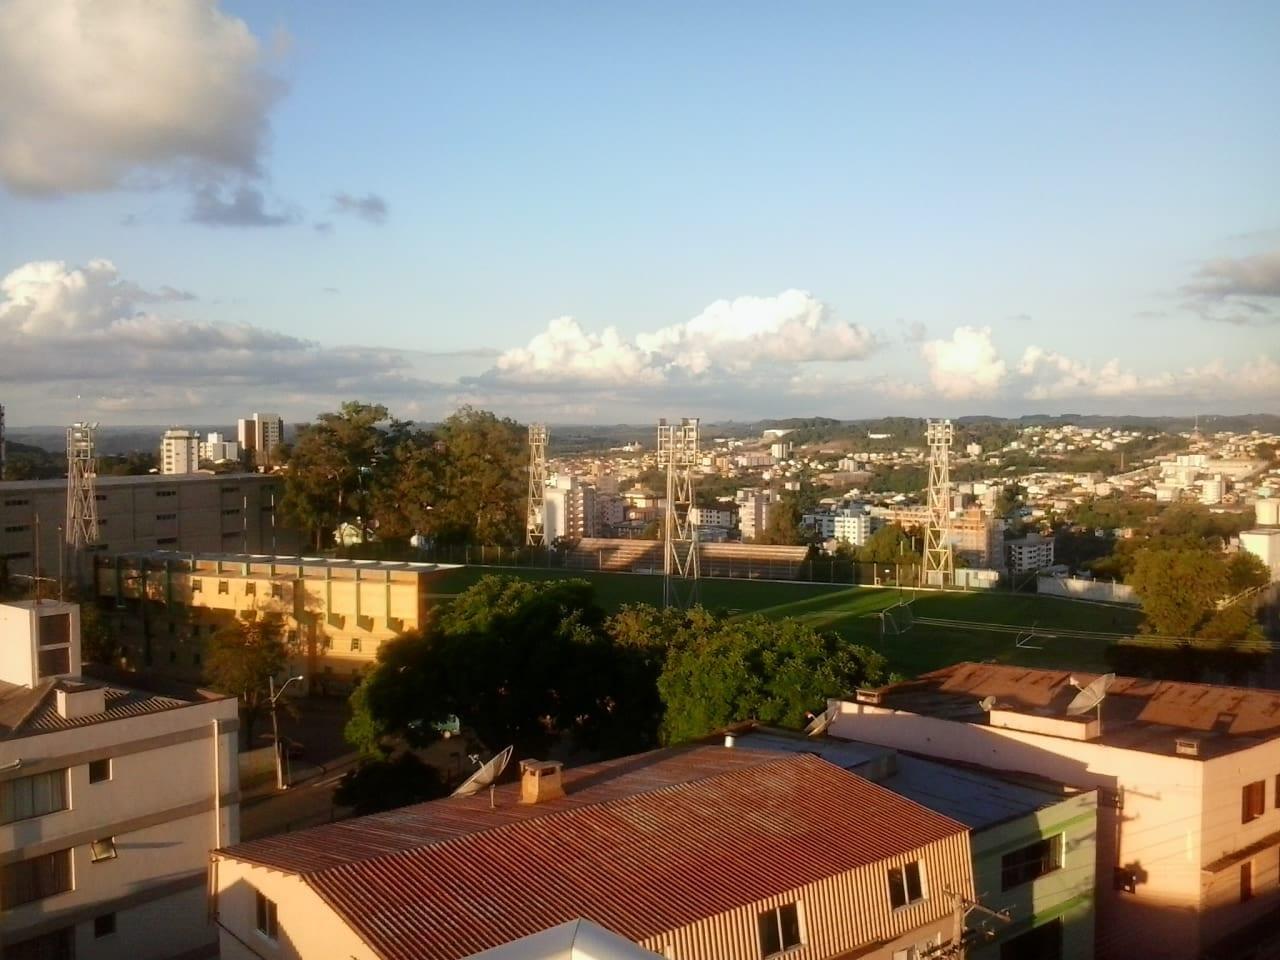 Una vista de la ciudad Bento Gonçalves Brasil